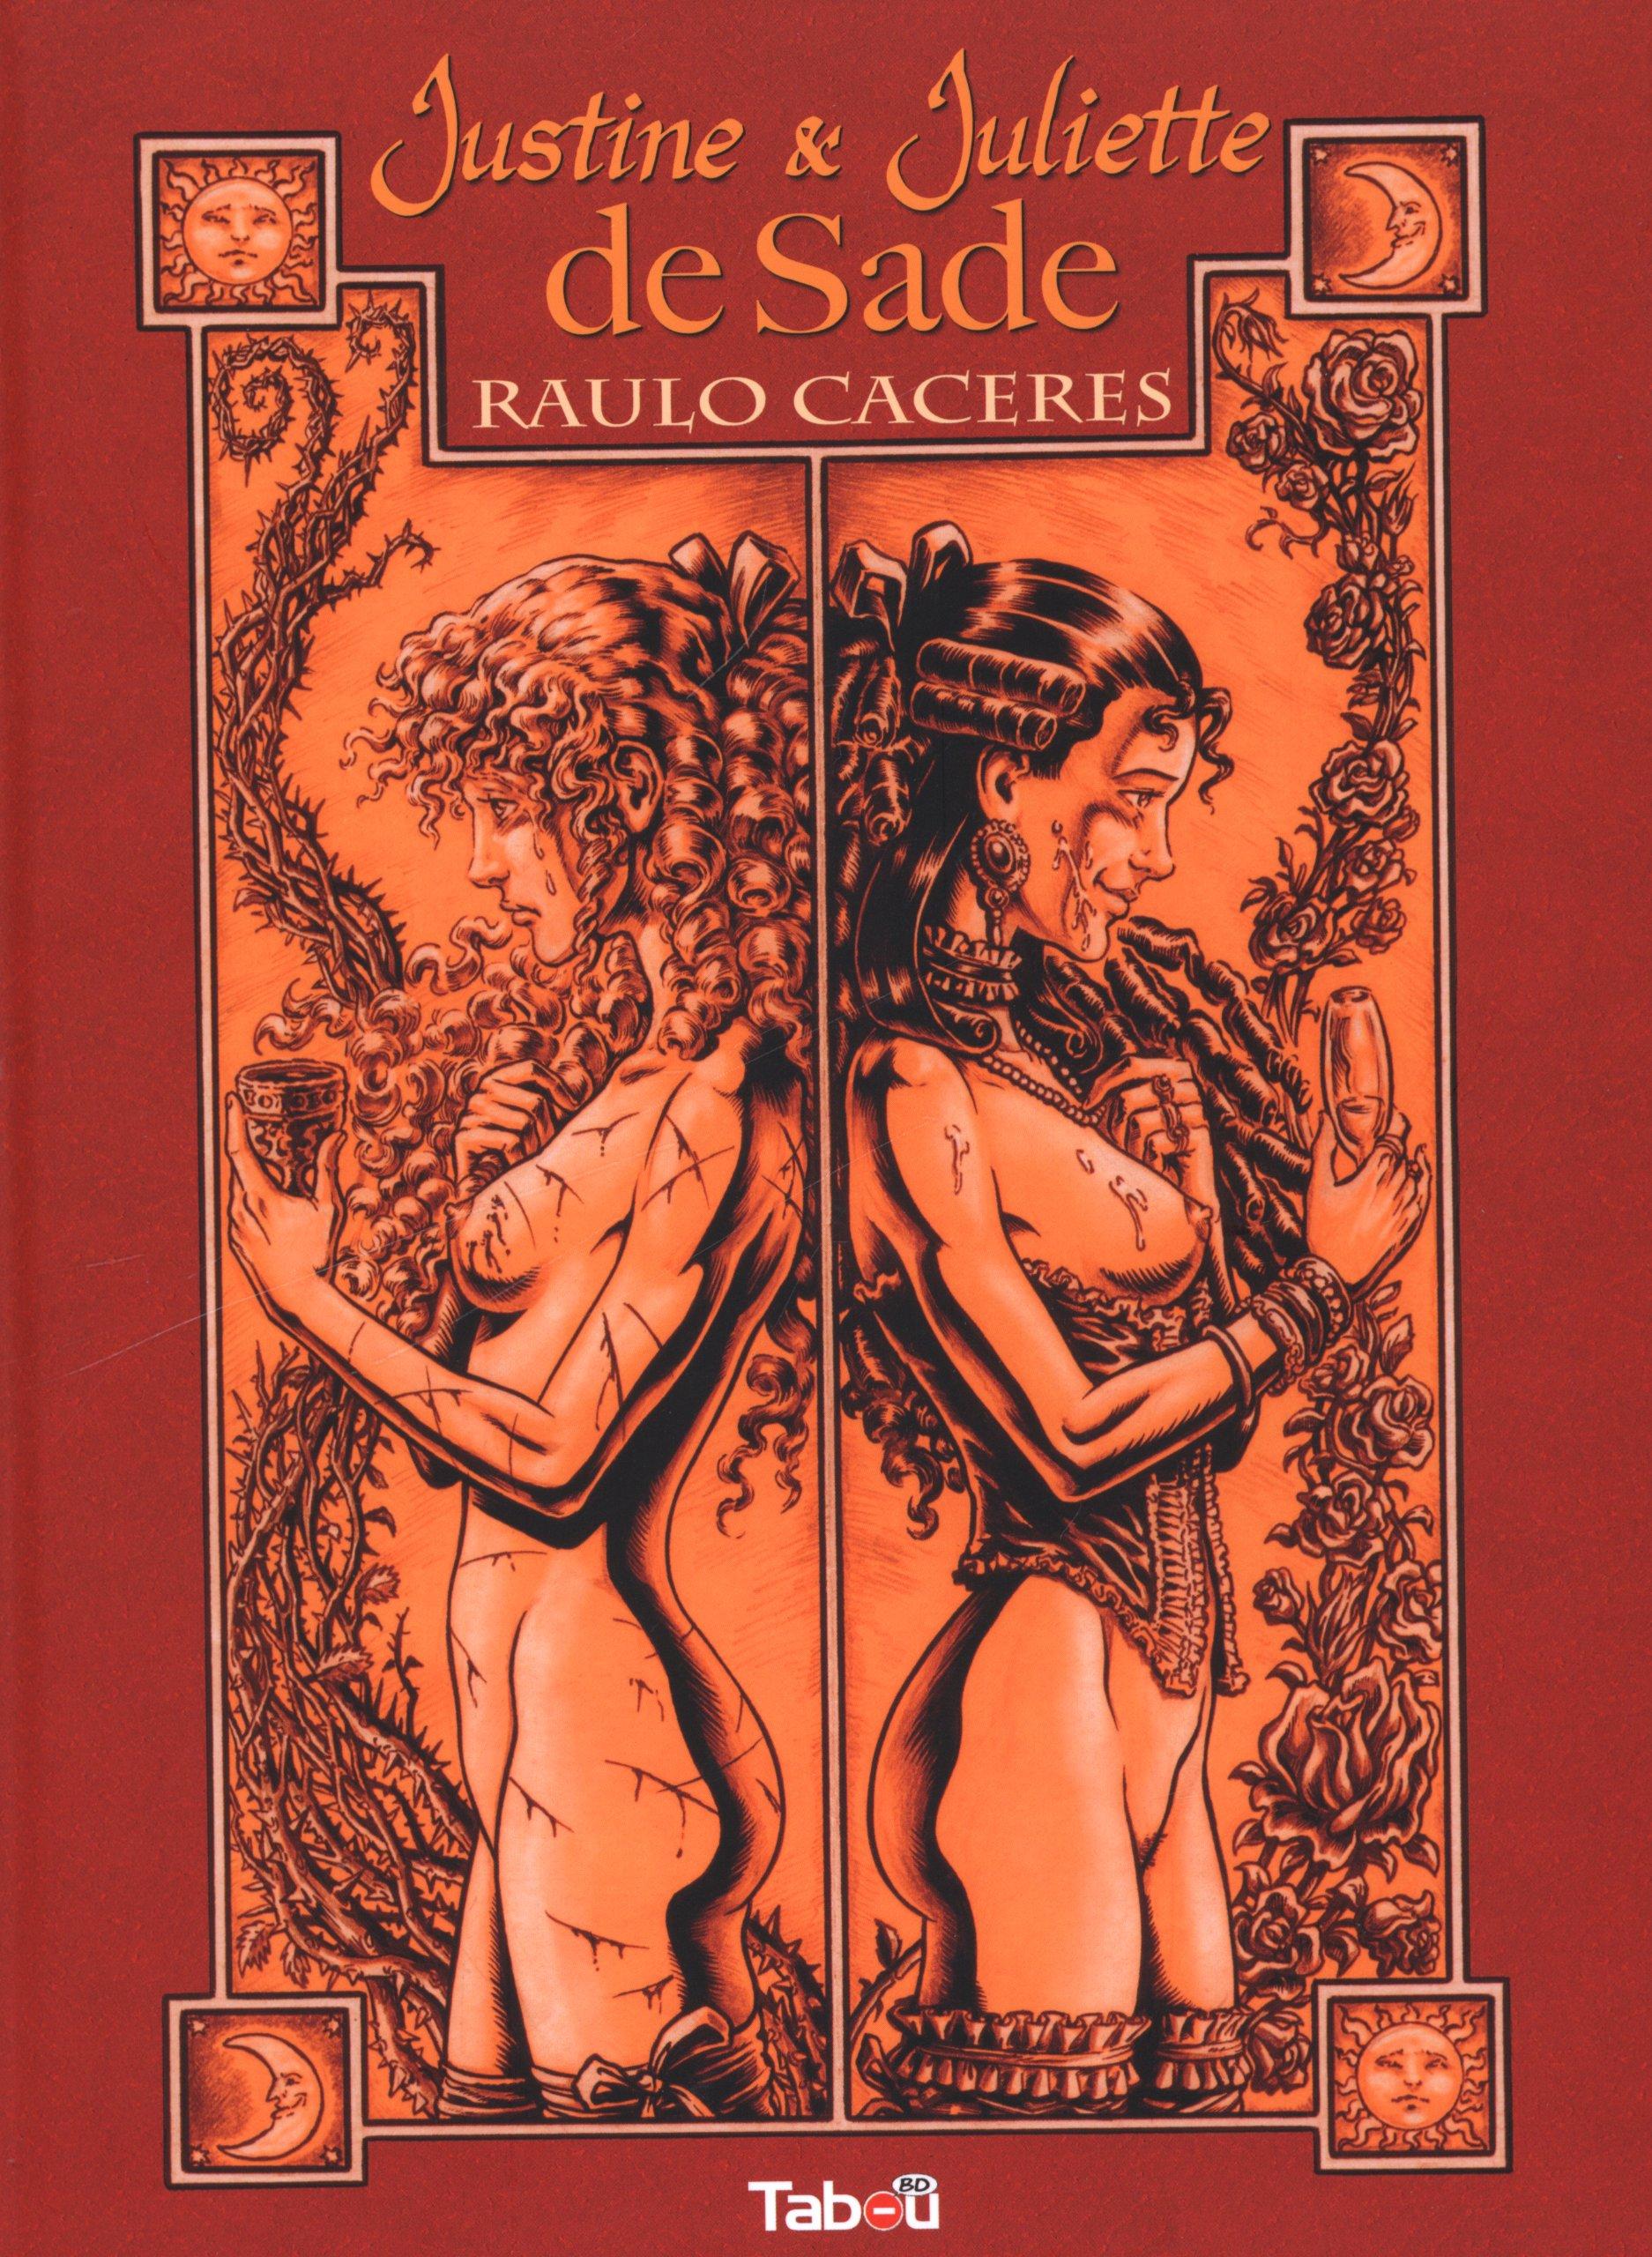 Justine et Juliette de Sade Album – 8 février 2013 Raulo Caceres Manon des Gryeux Tabou Editions 2359540572